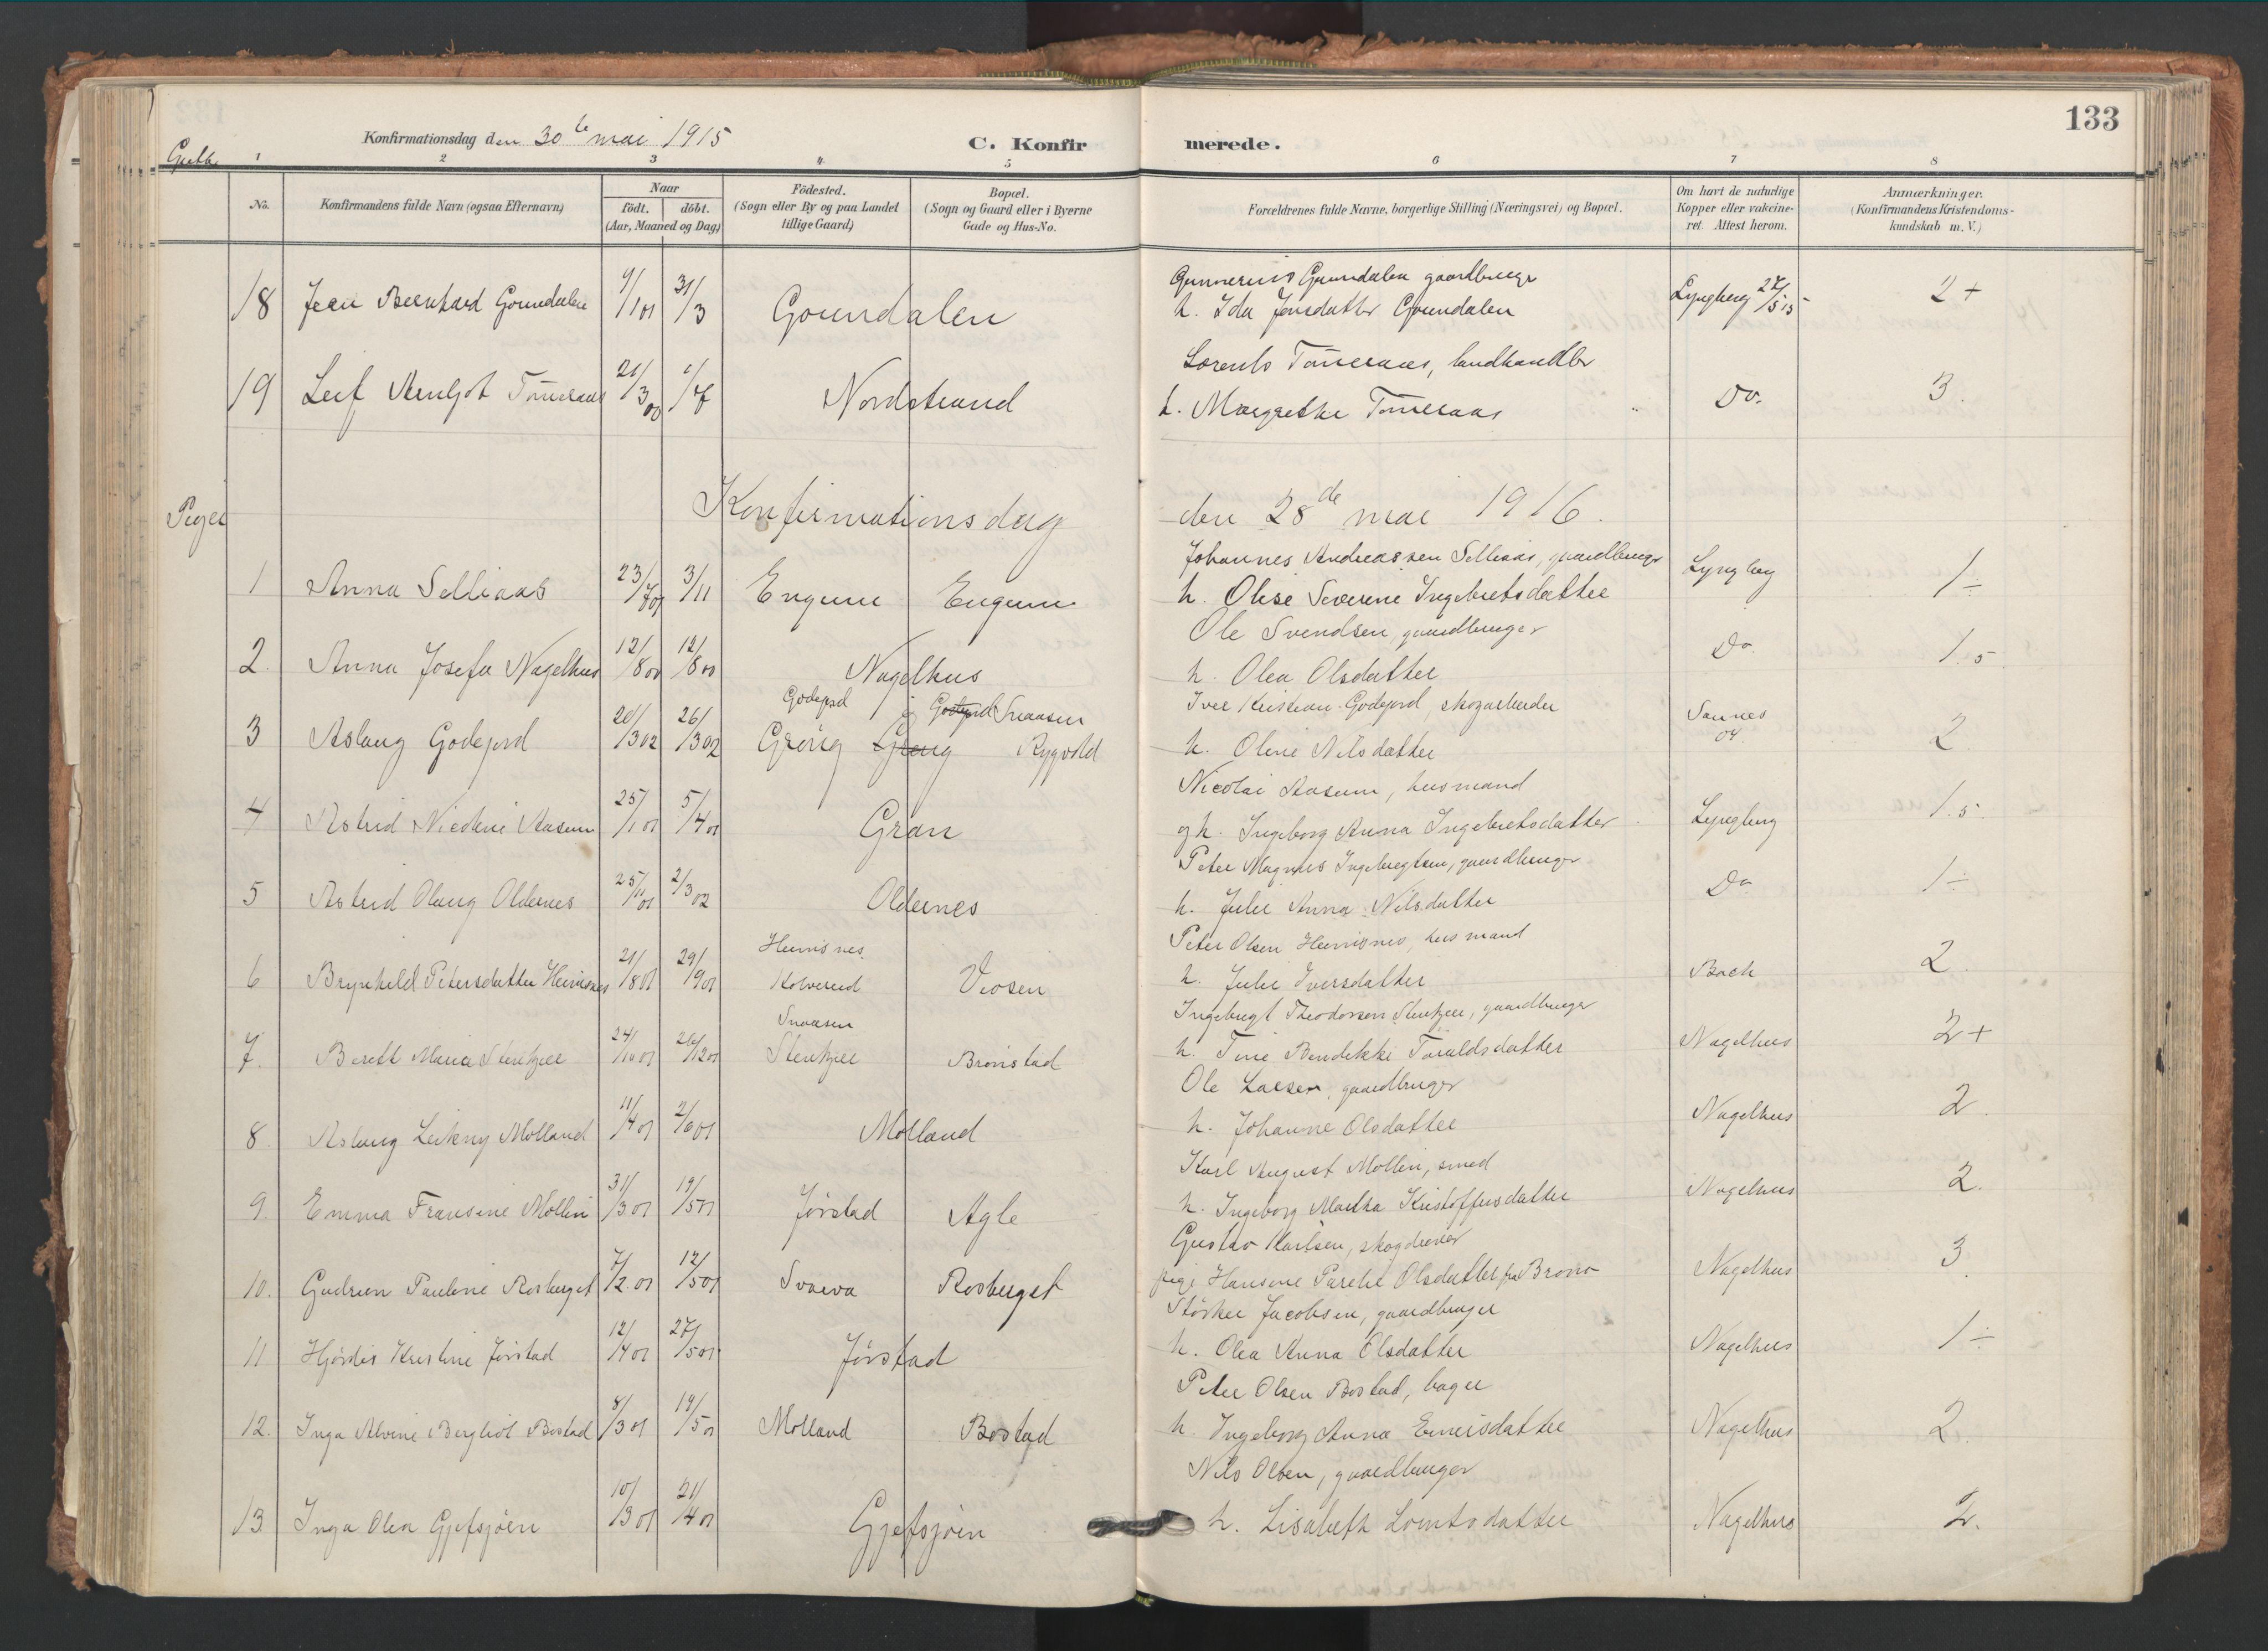 SAT, Ministerialprotokoller, klokkerbøker og fødselsregistre - Nord-Trøndelag, 749/L0477: Ministerialbok nr. 749A11, 1902-1927, s. 133